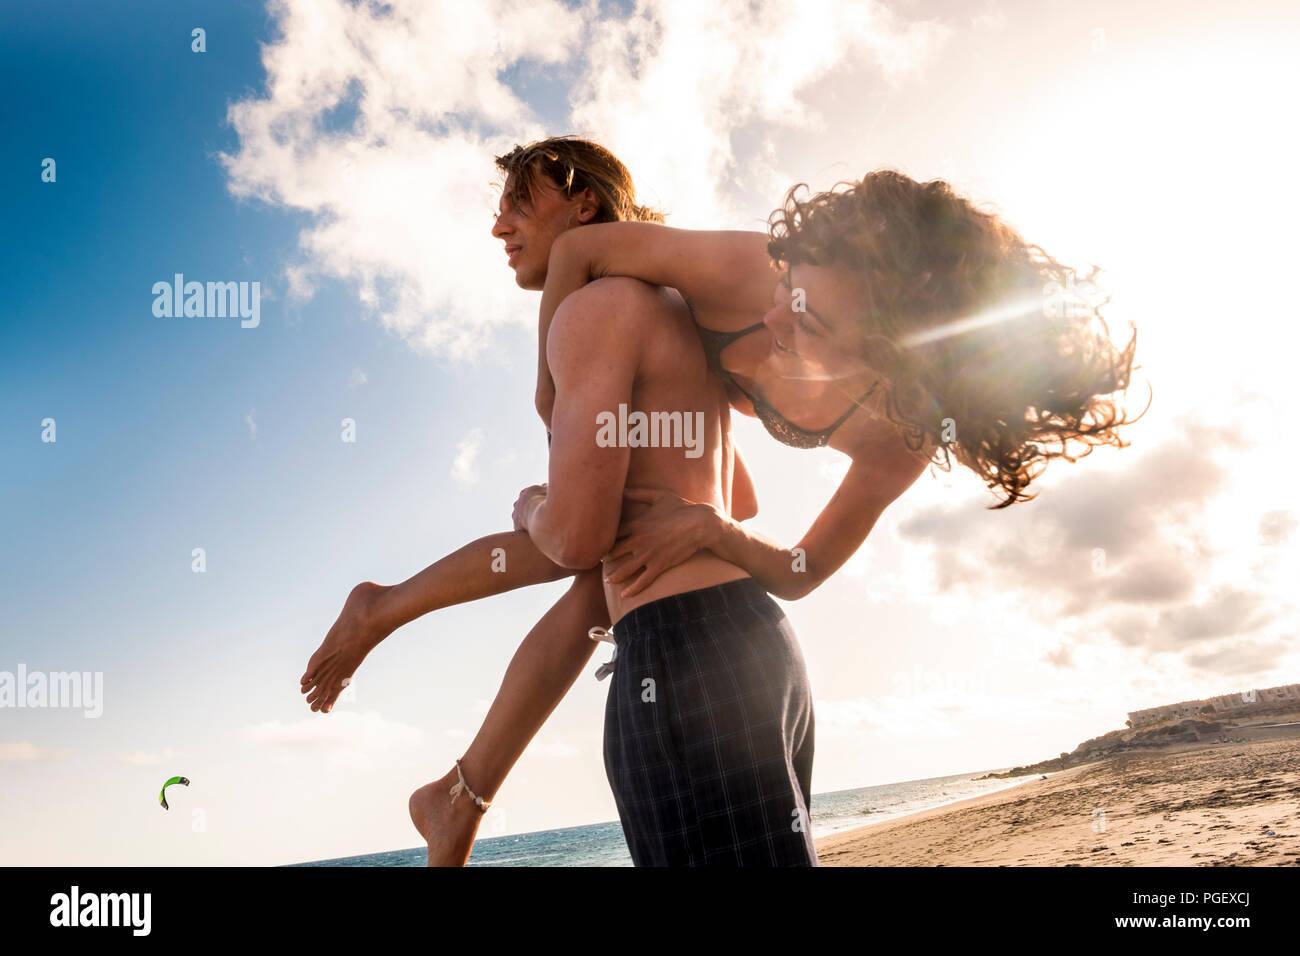 Beaucoup de plaisir à la plage avec gai et beau couple. homme, la jolie jeune fille sur son épaule comme un sac et tout le monde rient beaucoup et Photo Stock